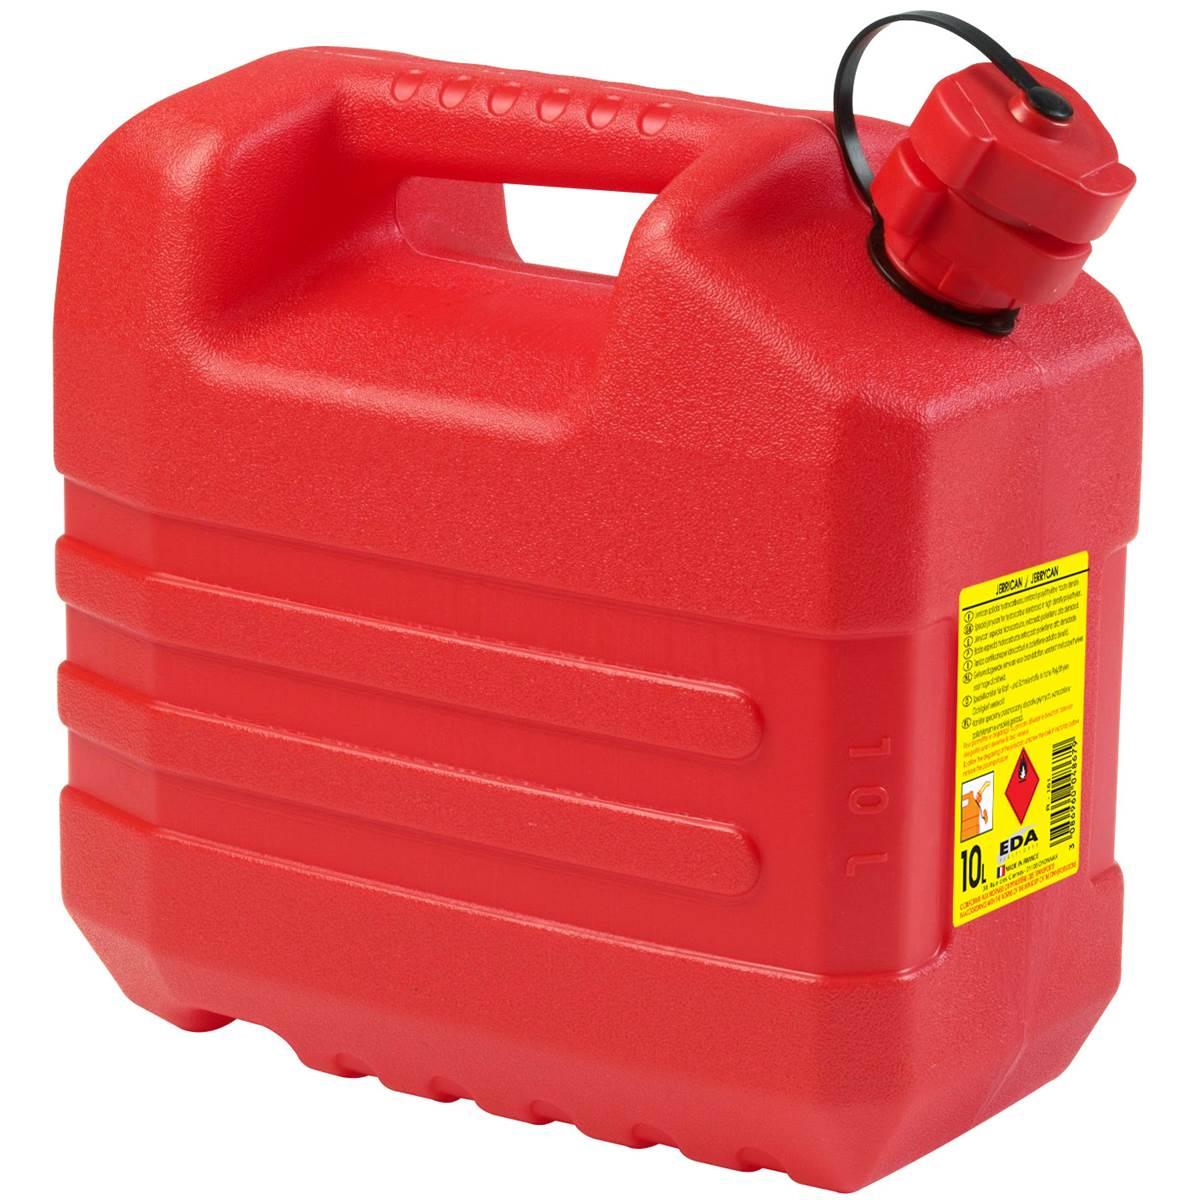 Jerrican pour Hydrocarbures (553164) - 10 l